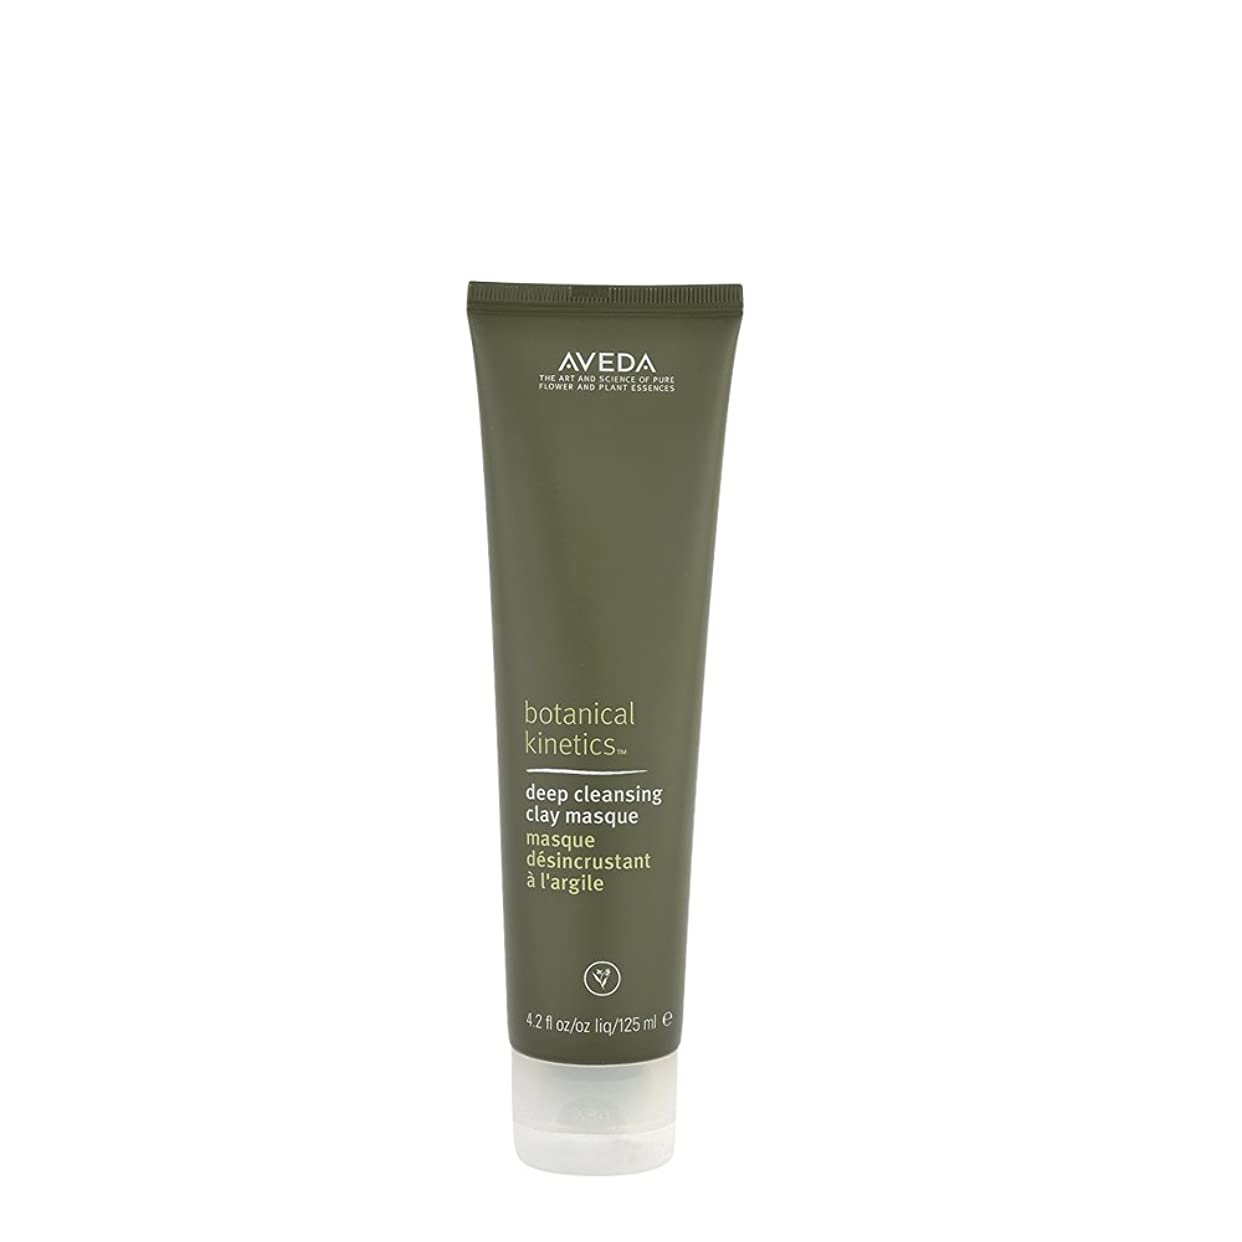 スコットランド人飾り羽識別アヴェダ Botanical Kinetics Deep Cleansing Clay Masque 125ml/4.2oz並行輸入品